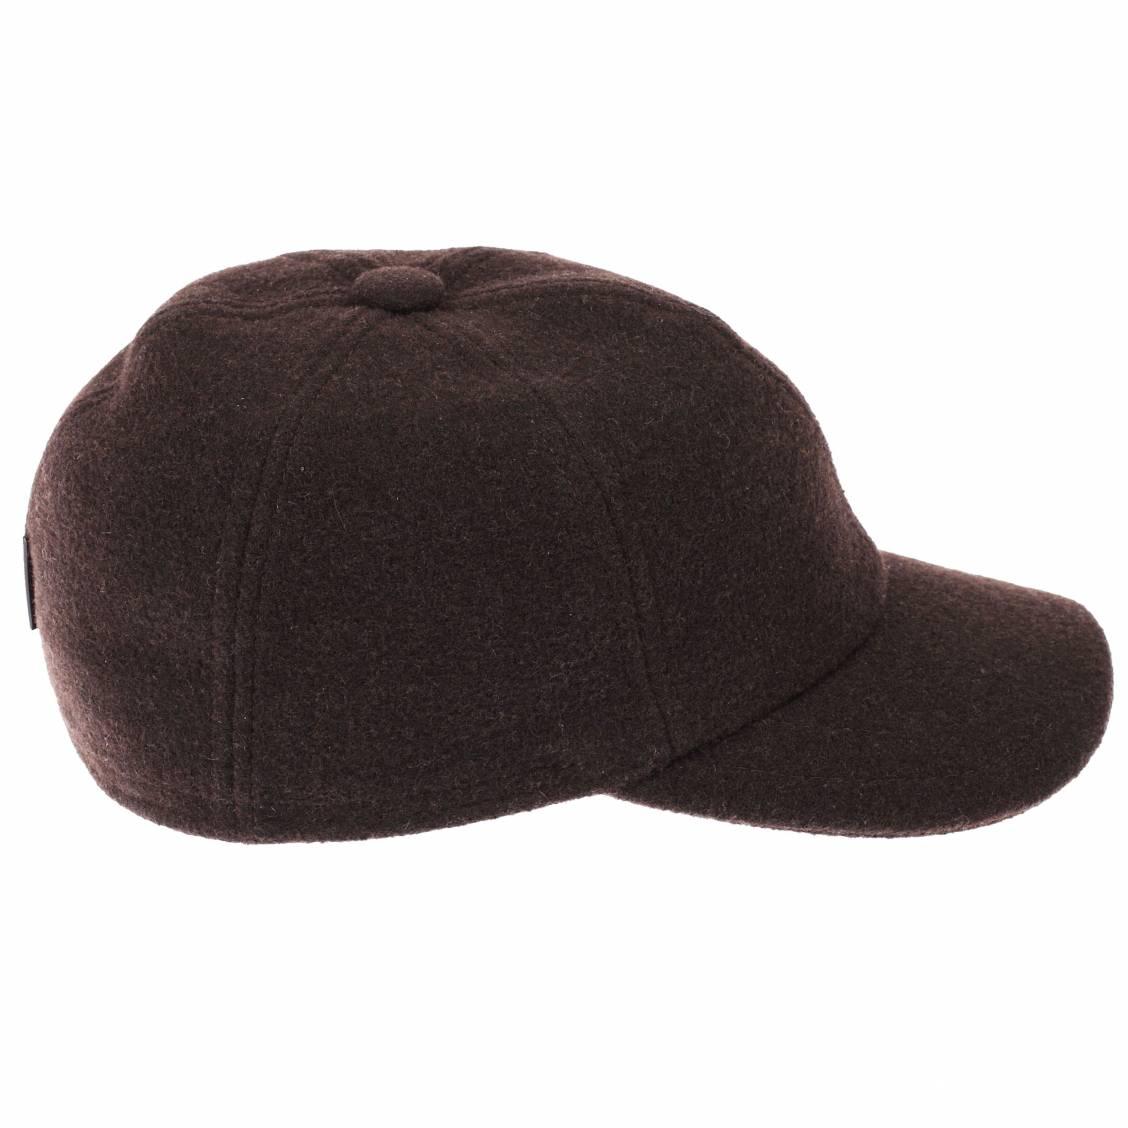 casquette en laine avec cache oreilles g ttmann marron rue des hommes. Black Bedroom Furniture Sets. Home Design Ideas